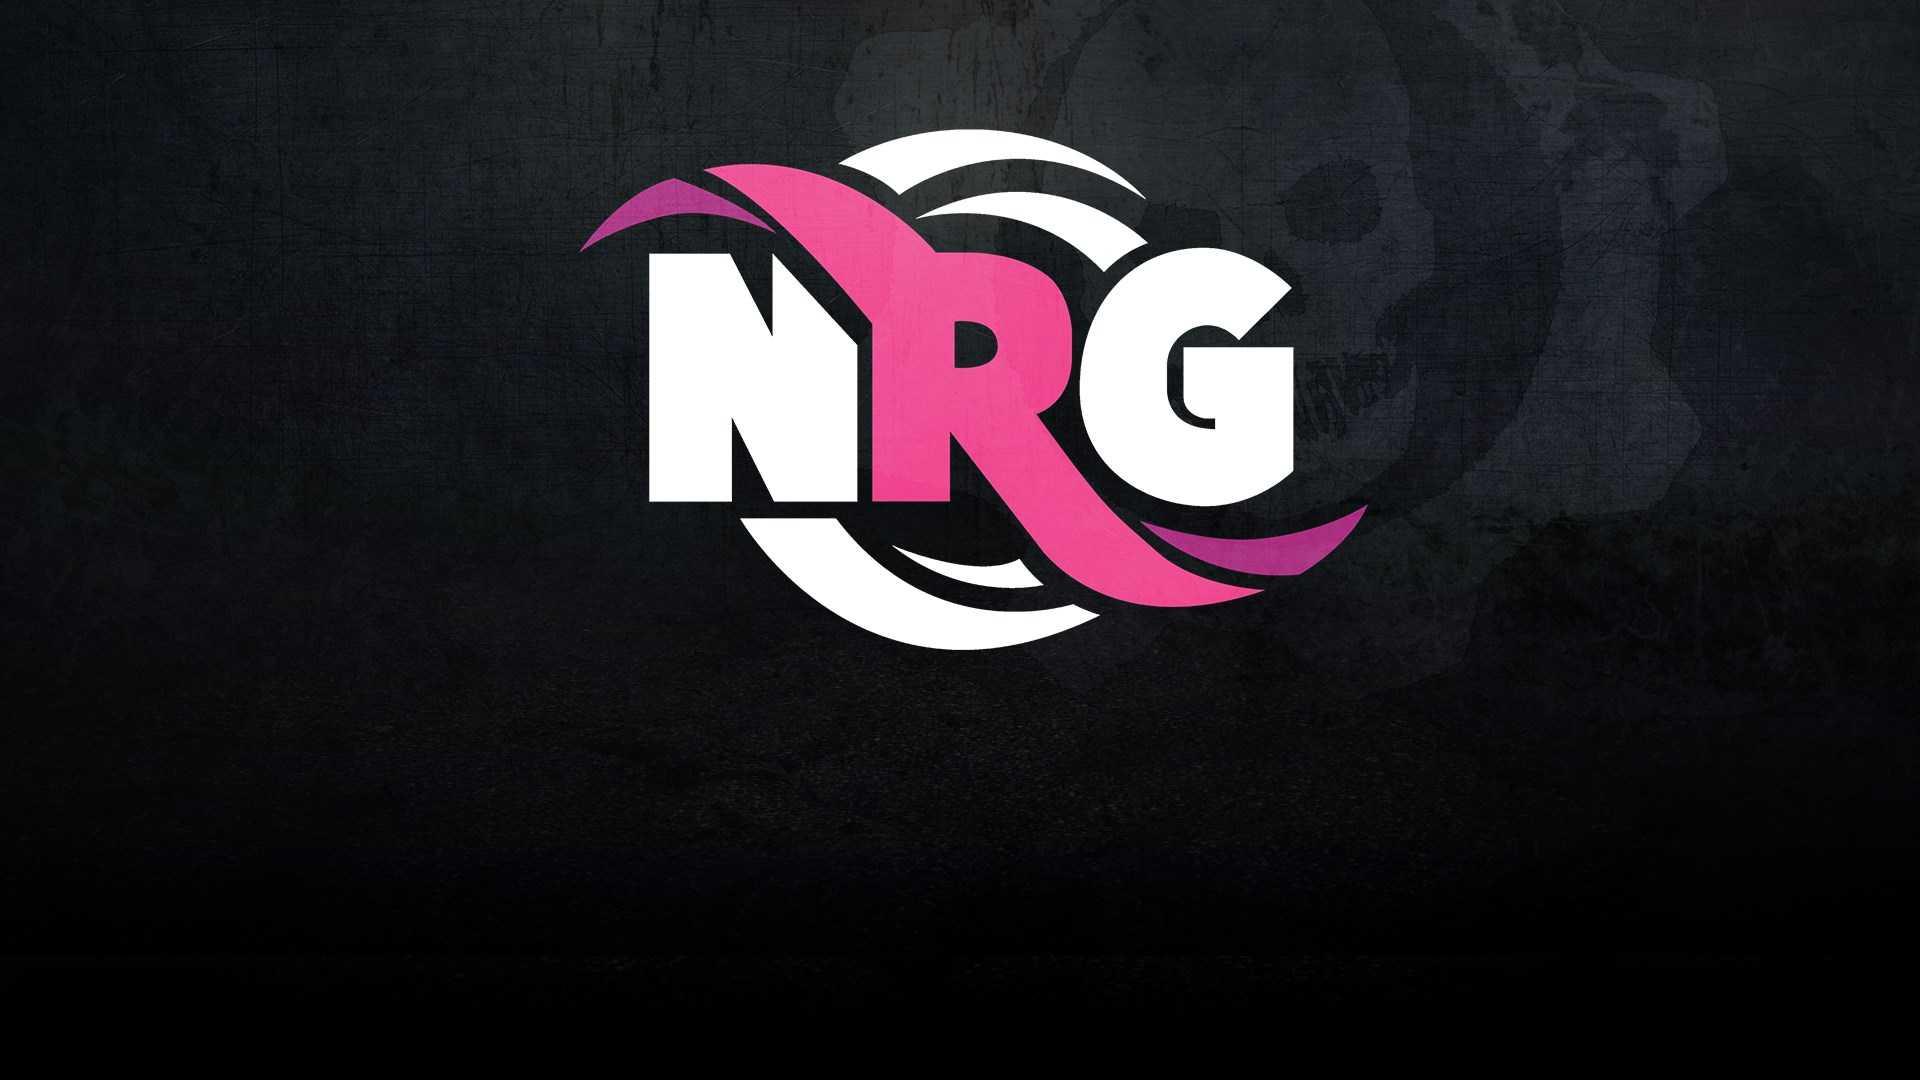 Nrg Gaming